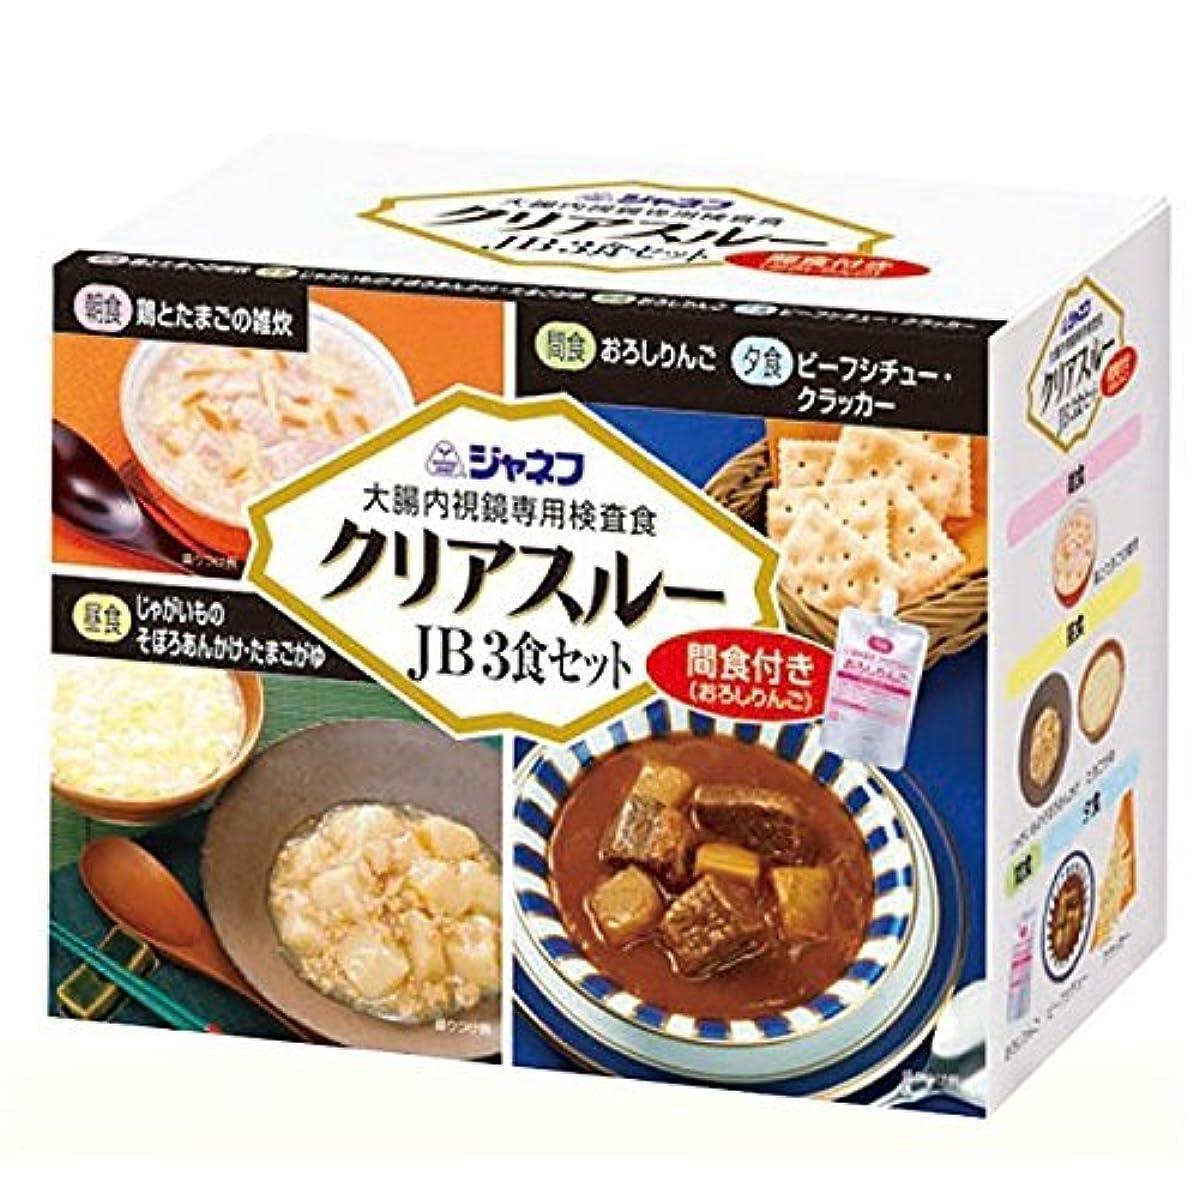 公平な市区町村センチメンタルクリアスルー JB 3食セット 1箱 (大腸内視鏡専用検査食)キューピー